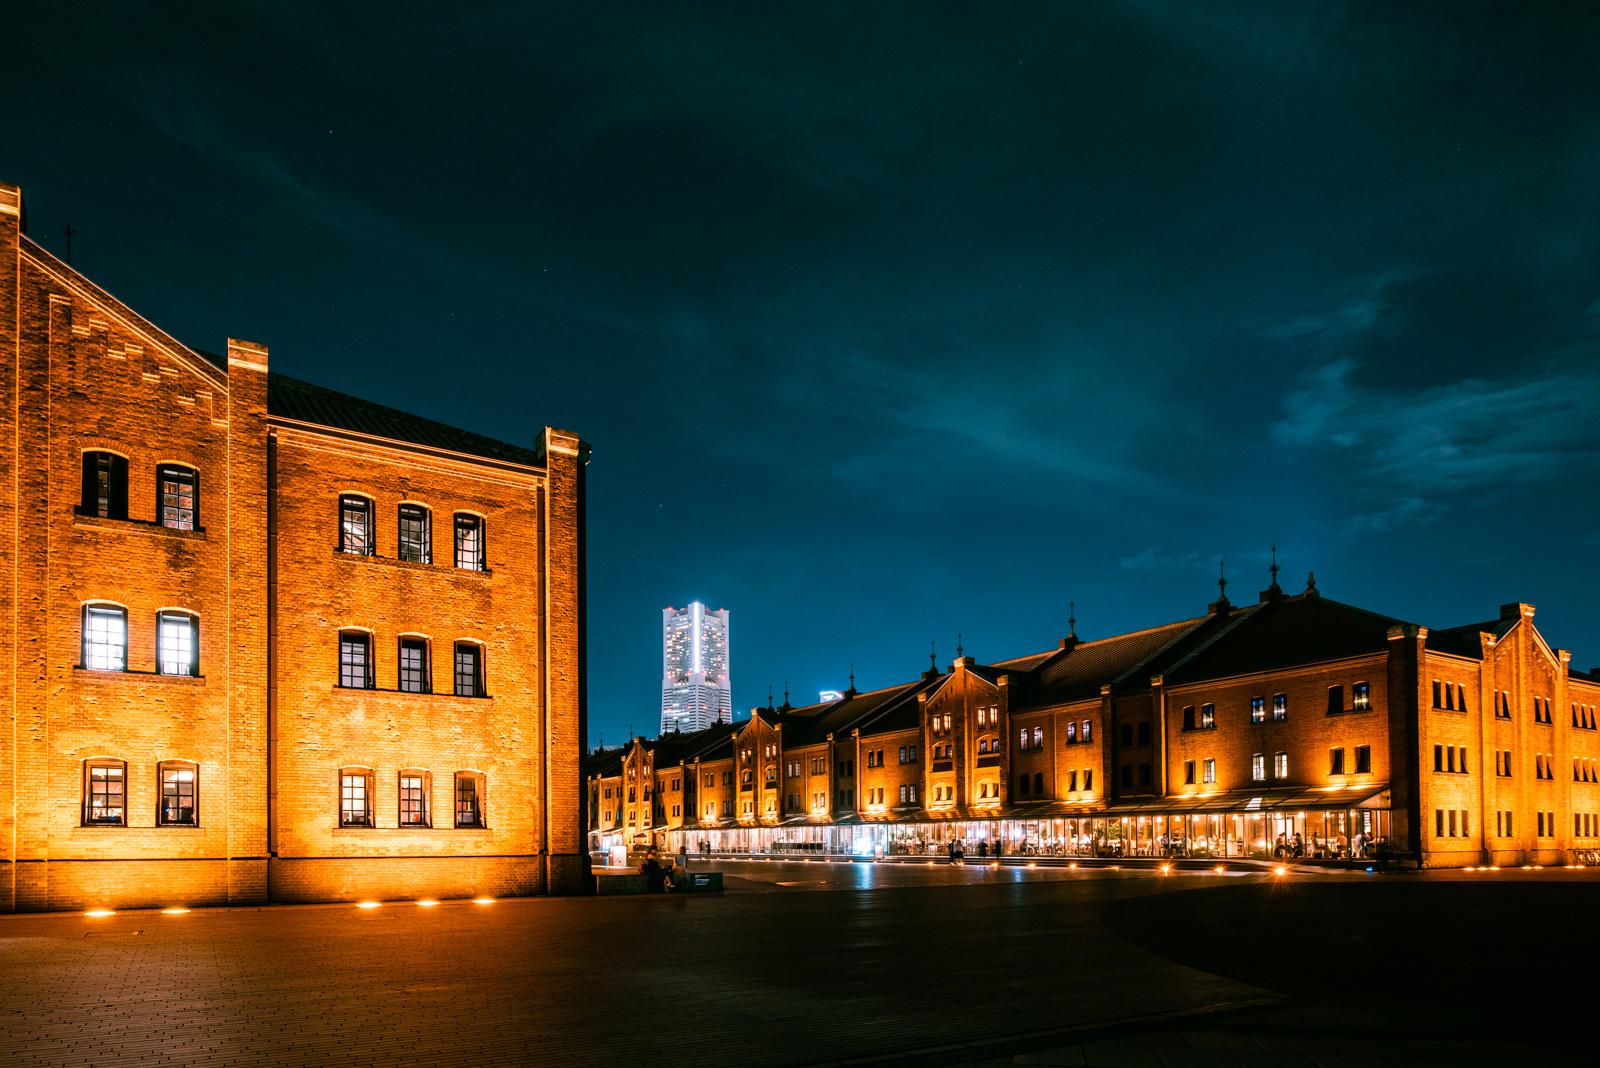 夜景撮影を楽しみたくて、久々に横浜赤レンガ倉庫を訪れてみました